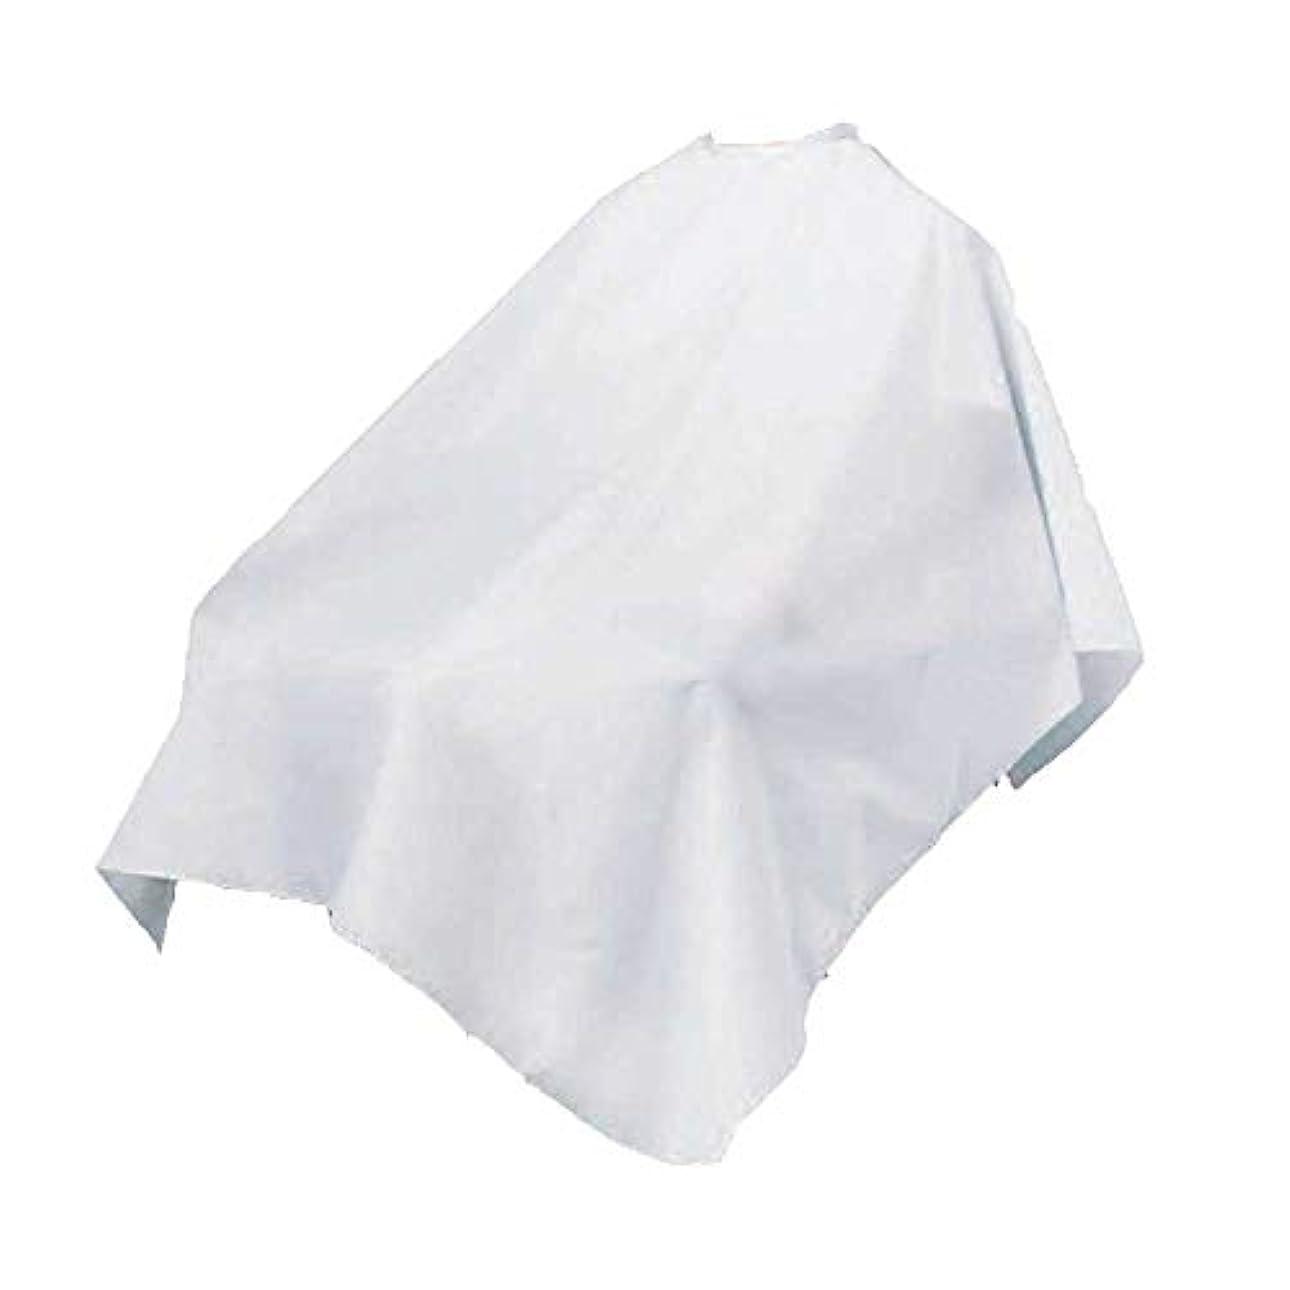 ファブリック一時的神経ワコウ WAKO 142刈布 業務用 (ホワイト)